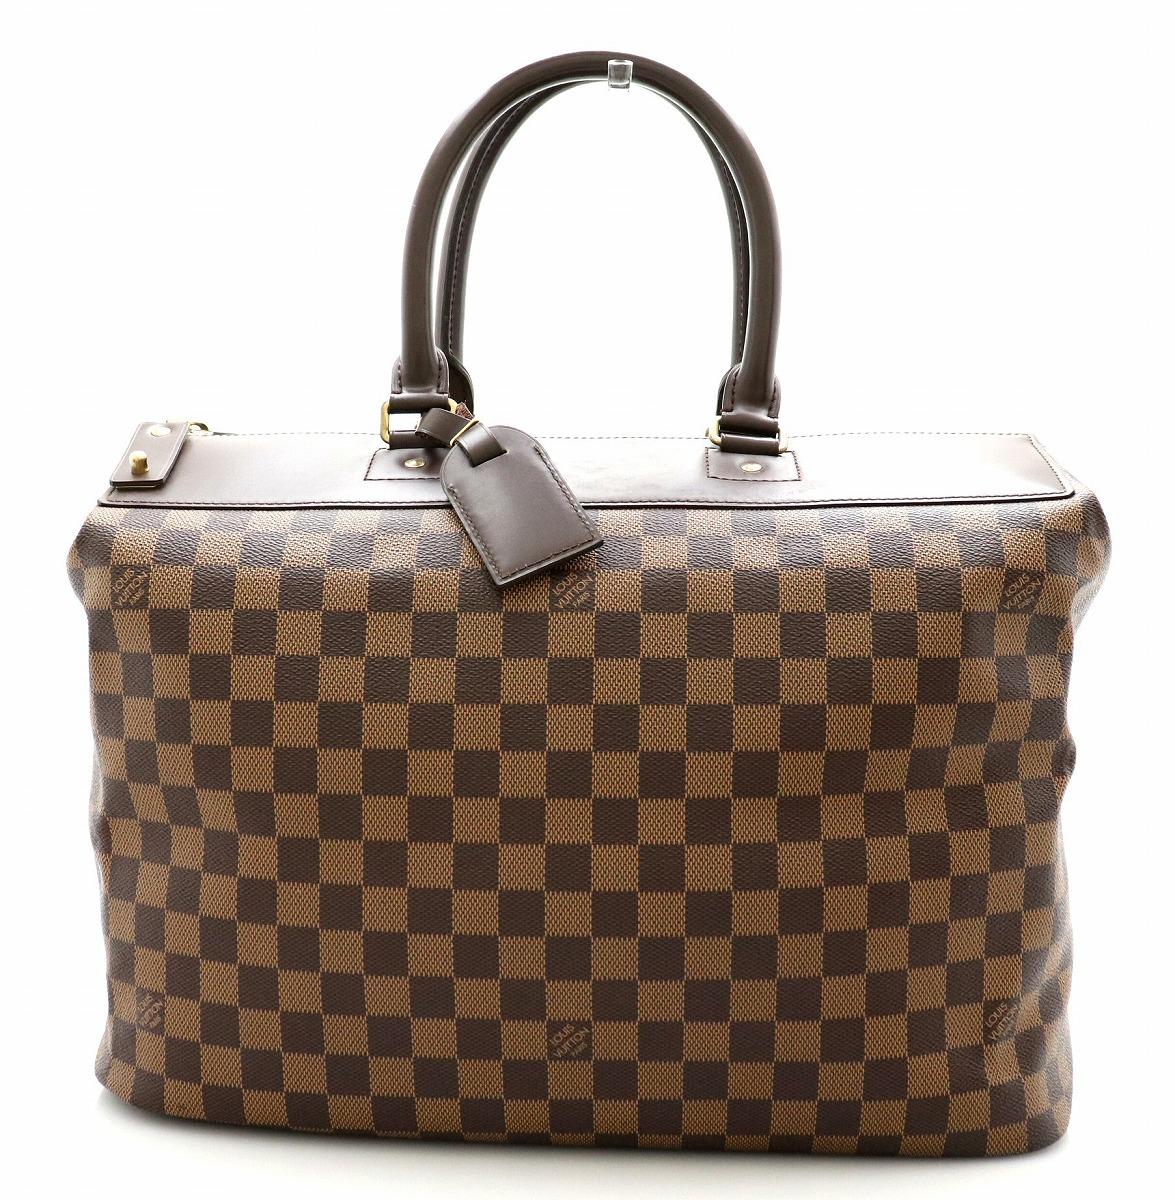 【バッグ】LOUIS VUITTON ルイ ヴィトン ダミエ グリニッジPM ボストンバッグ ハンドバッグ トートバッグ ビジネスバッグ N41165 【中古】【k】